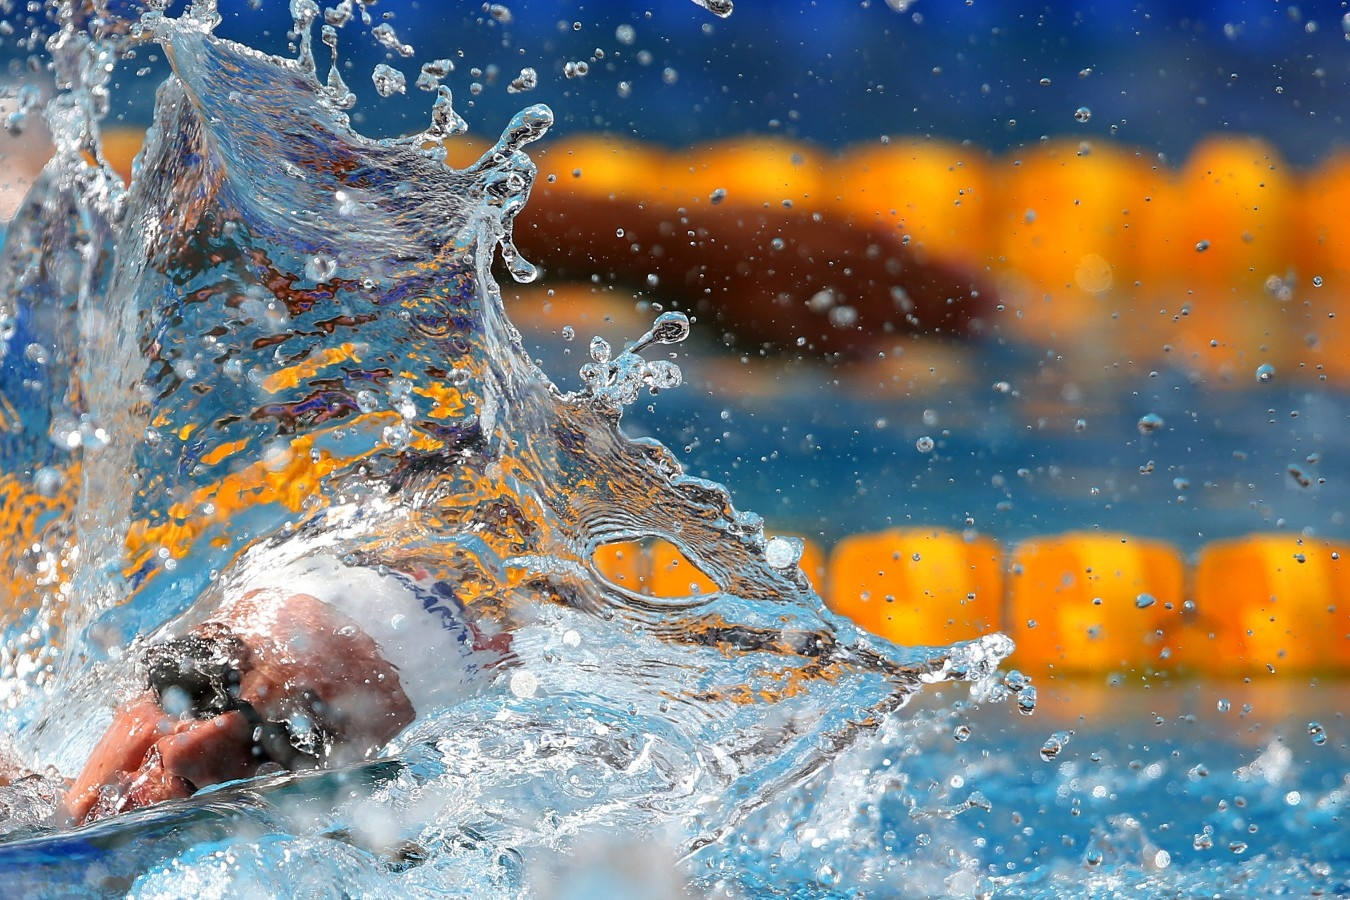 Gabrielle Roncatto. Trofeu Maria Lenk. Parque Aquatico Maria Lenk. 05 de Maio de 2017, Rio de Janeiro, RJ, Brasil. Foto: Satiro Sodré/SSPress/CBDA